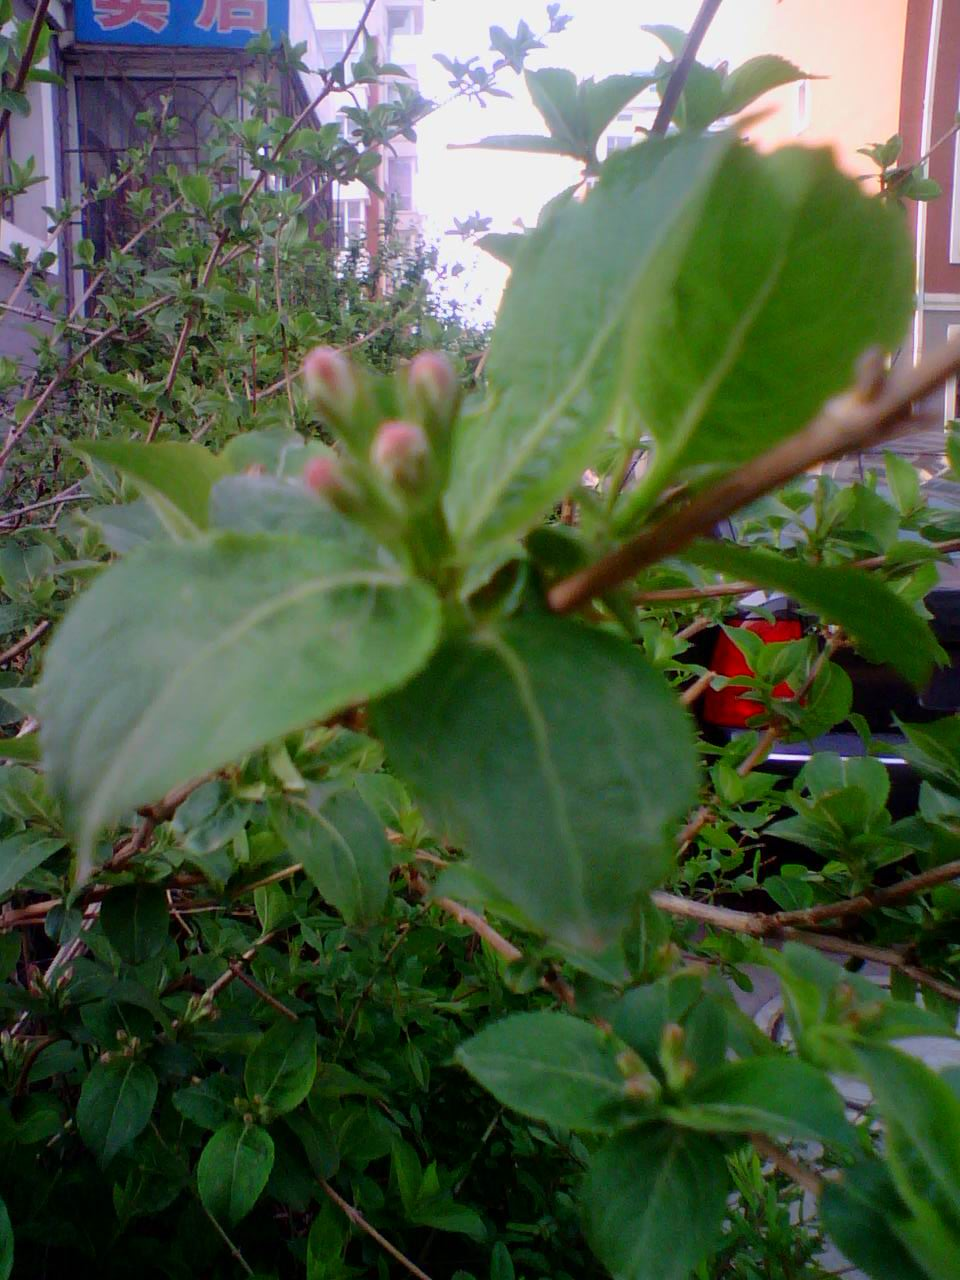 只缘点新绿,小草入镜来:富江苑春绿印象